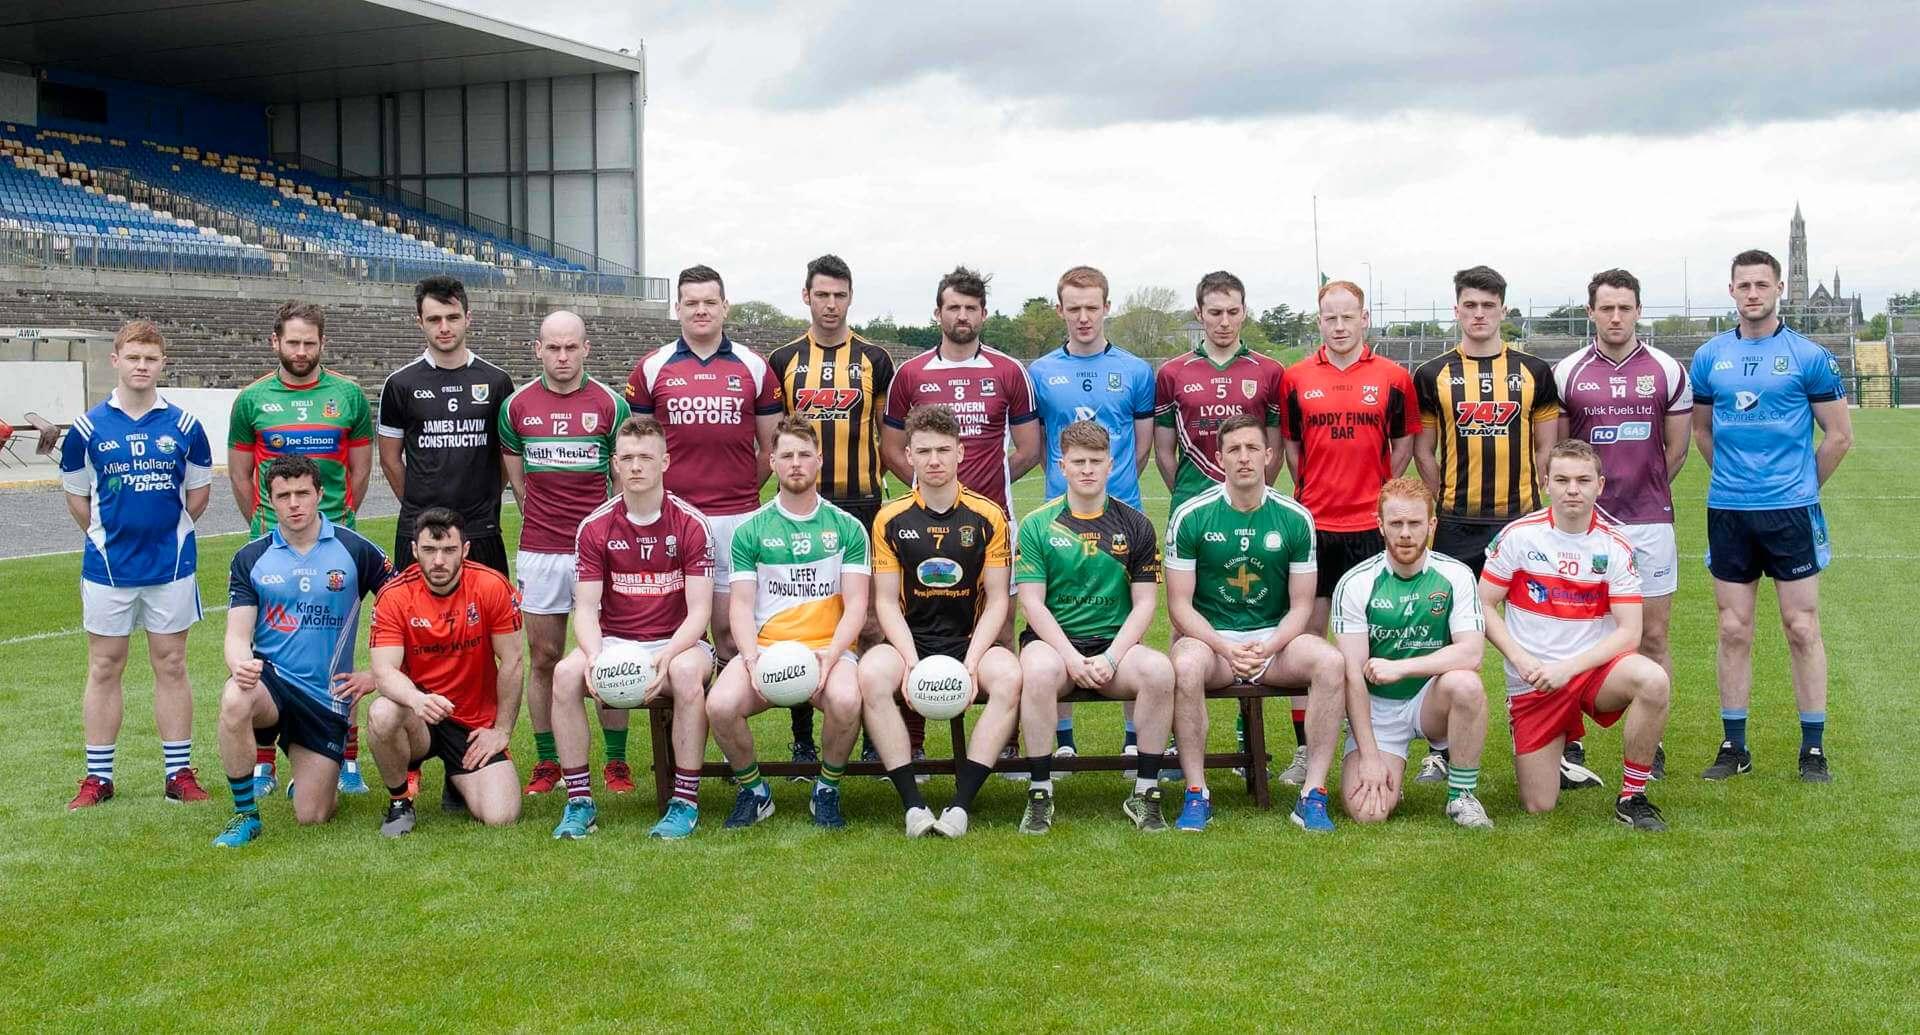 Roscommon GAA Fixtures Roscommon GAA Results